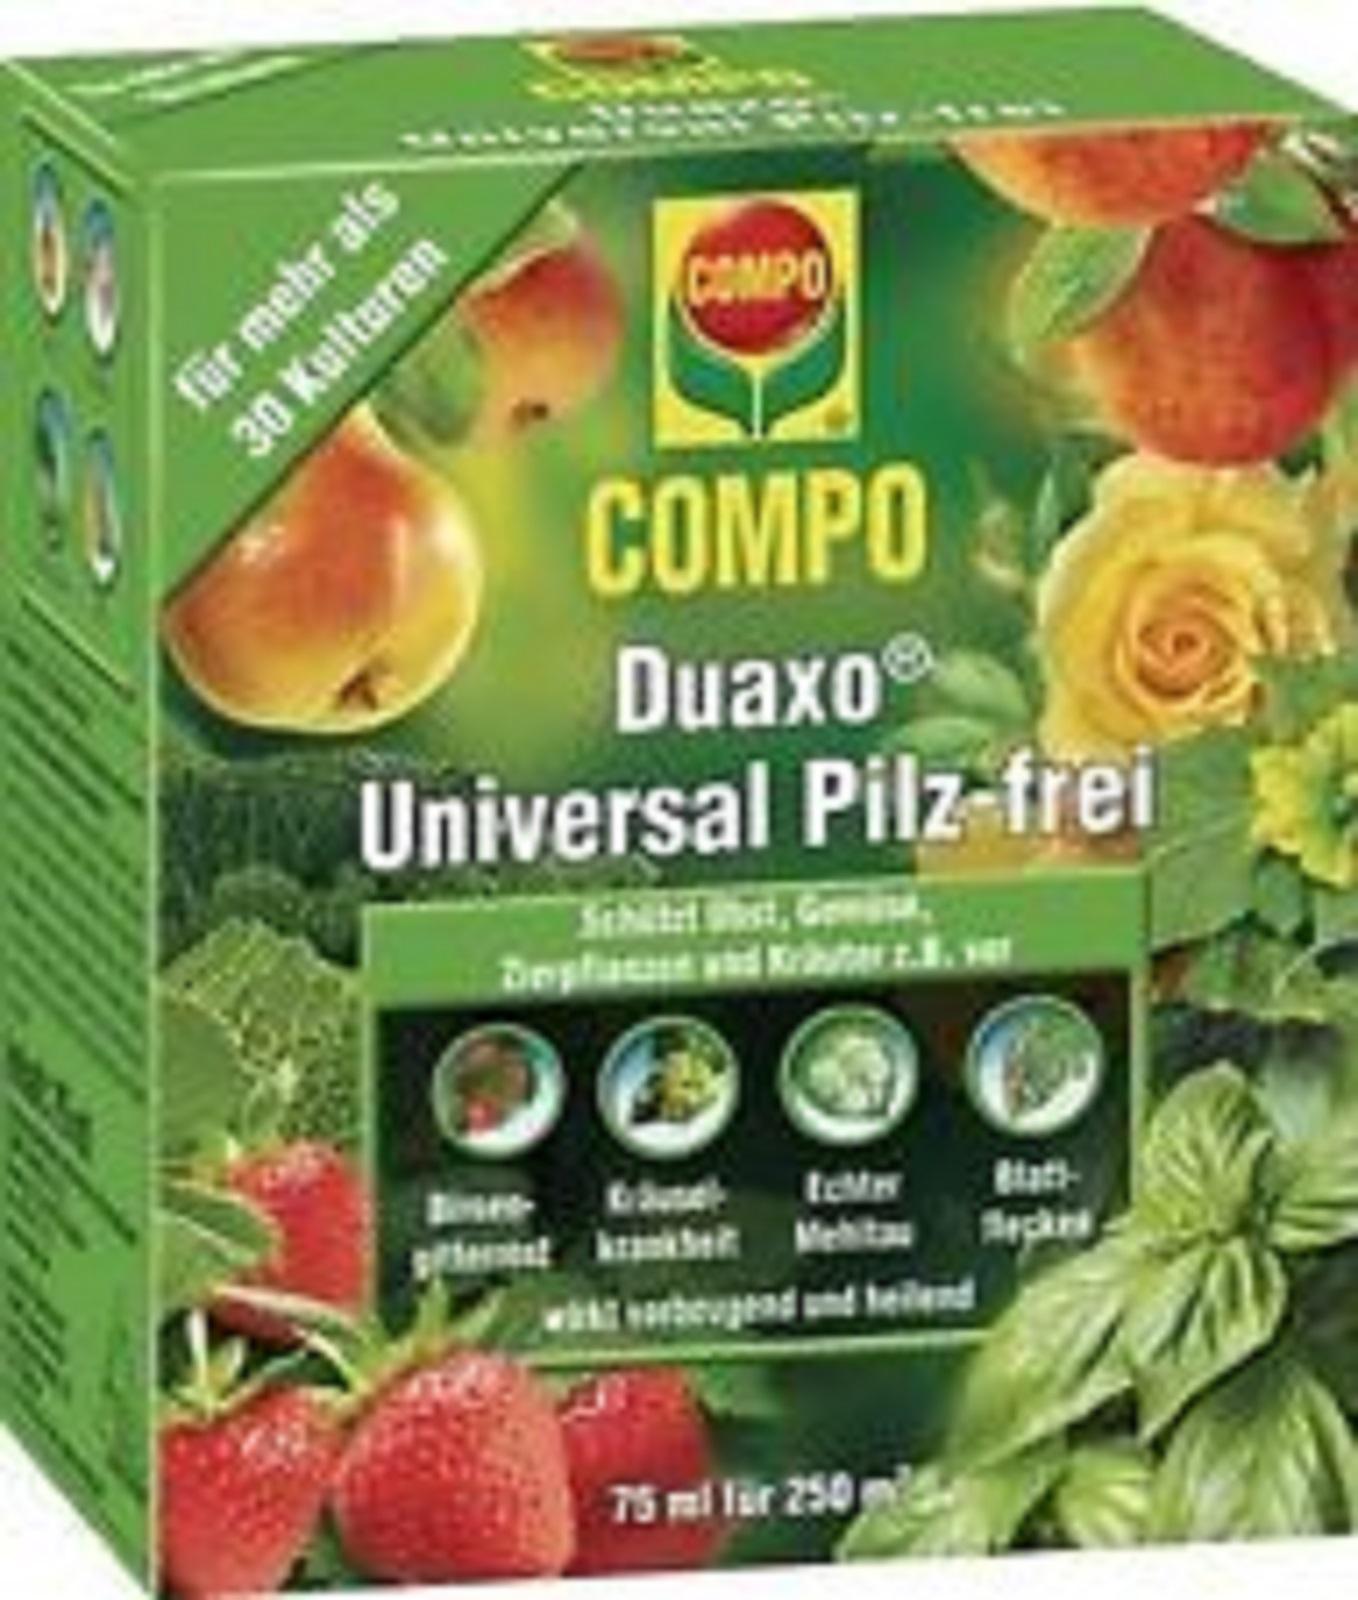 Compo Duaxo Universal Pilz frei Bekämpfung von Pilzkrankheiten 75 ml